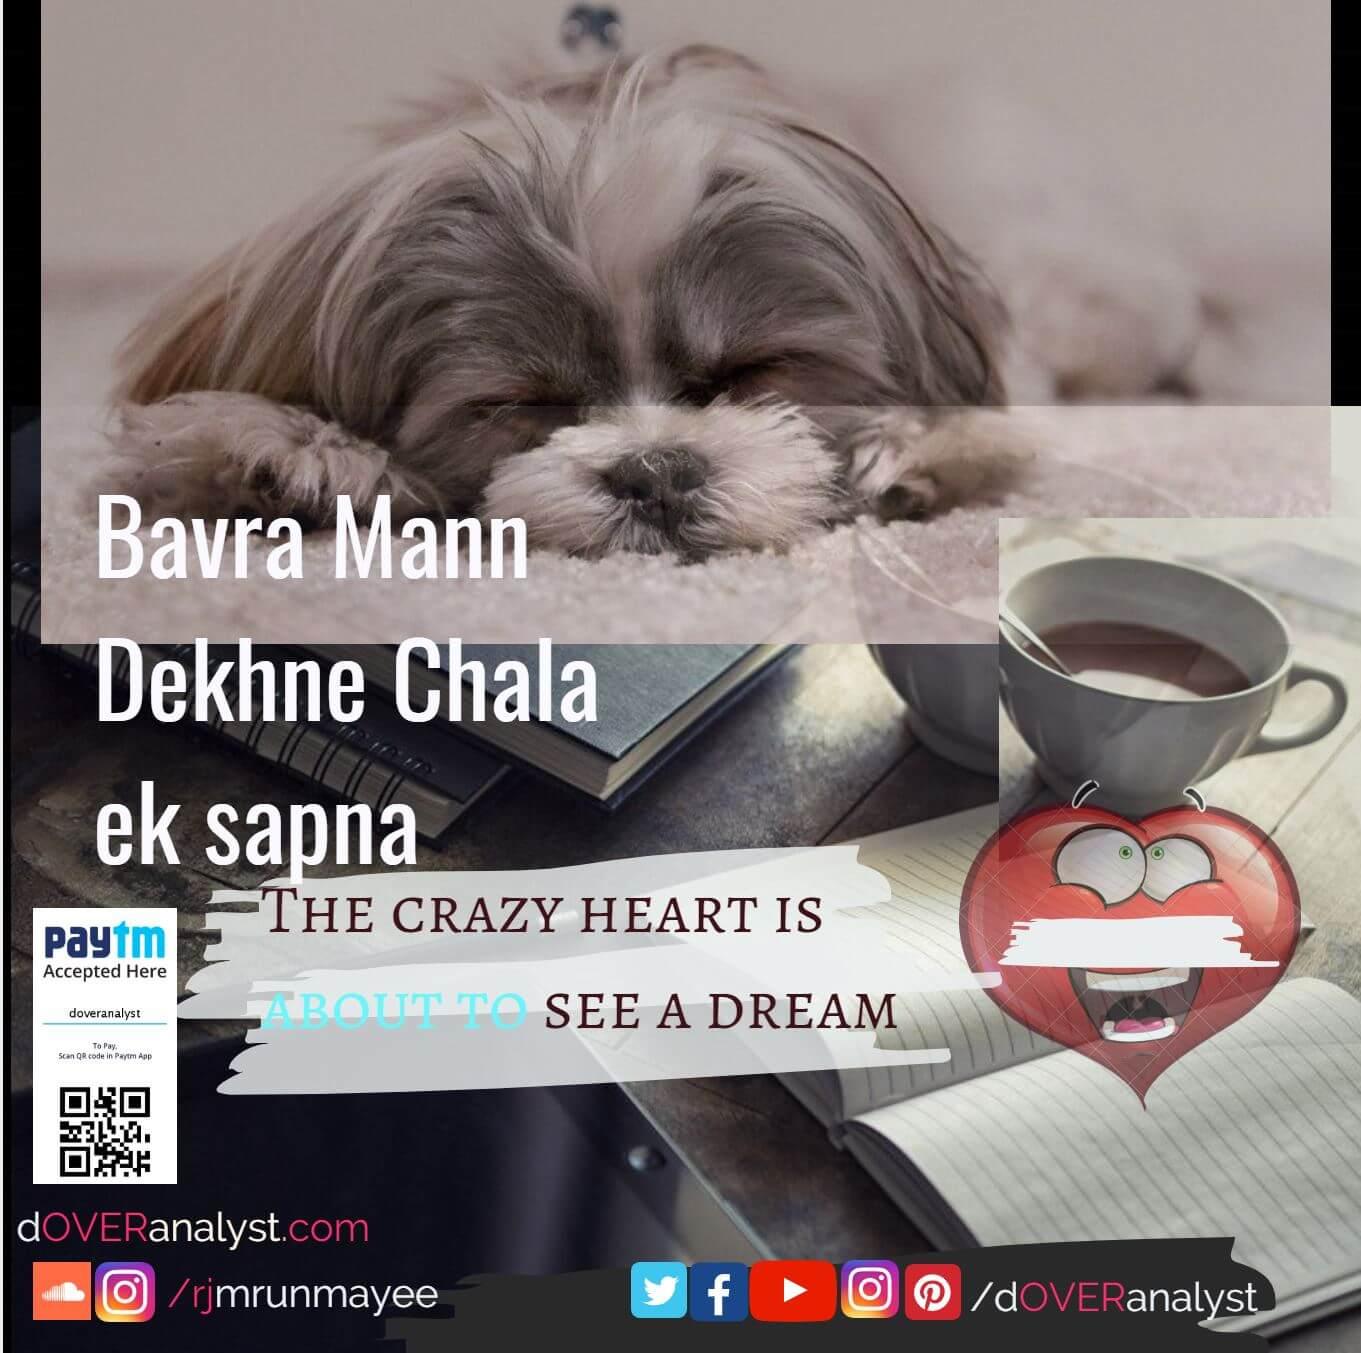 Bavra Mann Dekhne Chala Ek Sapna lyrics   English translation